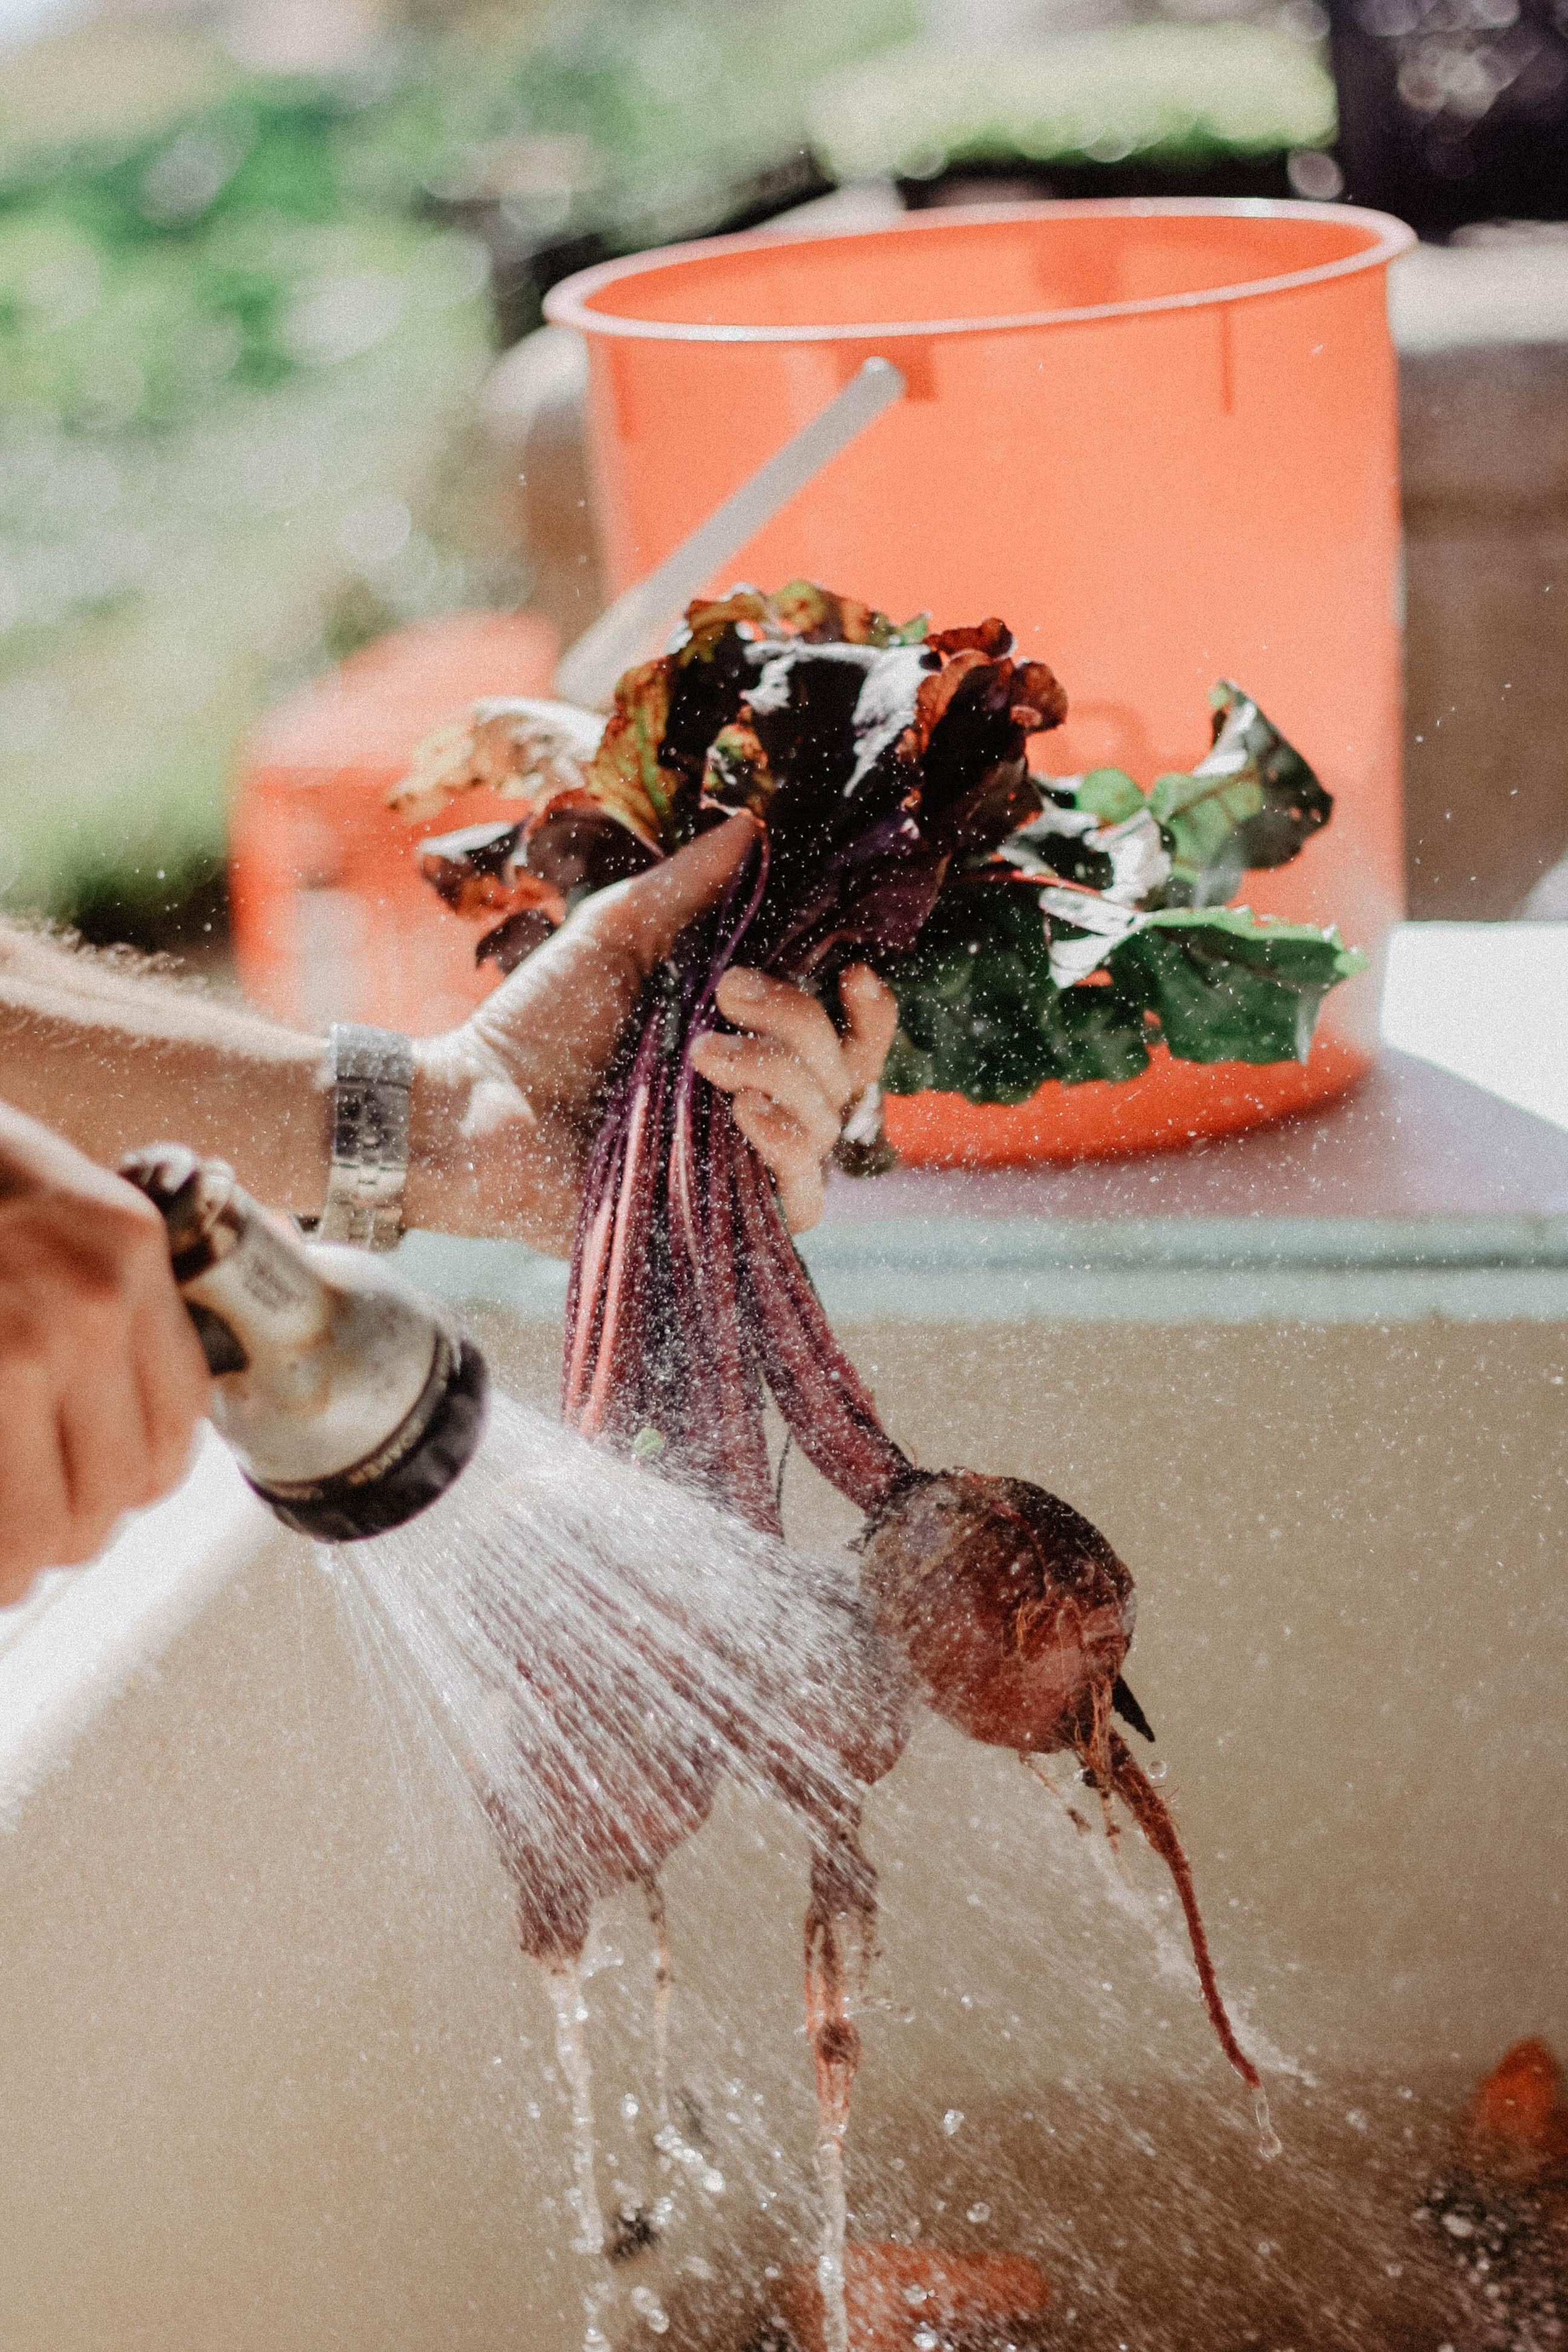 cleaning-vegetables-1034825.jpg